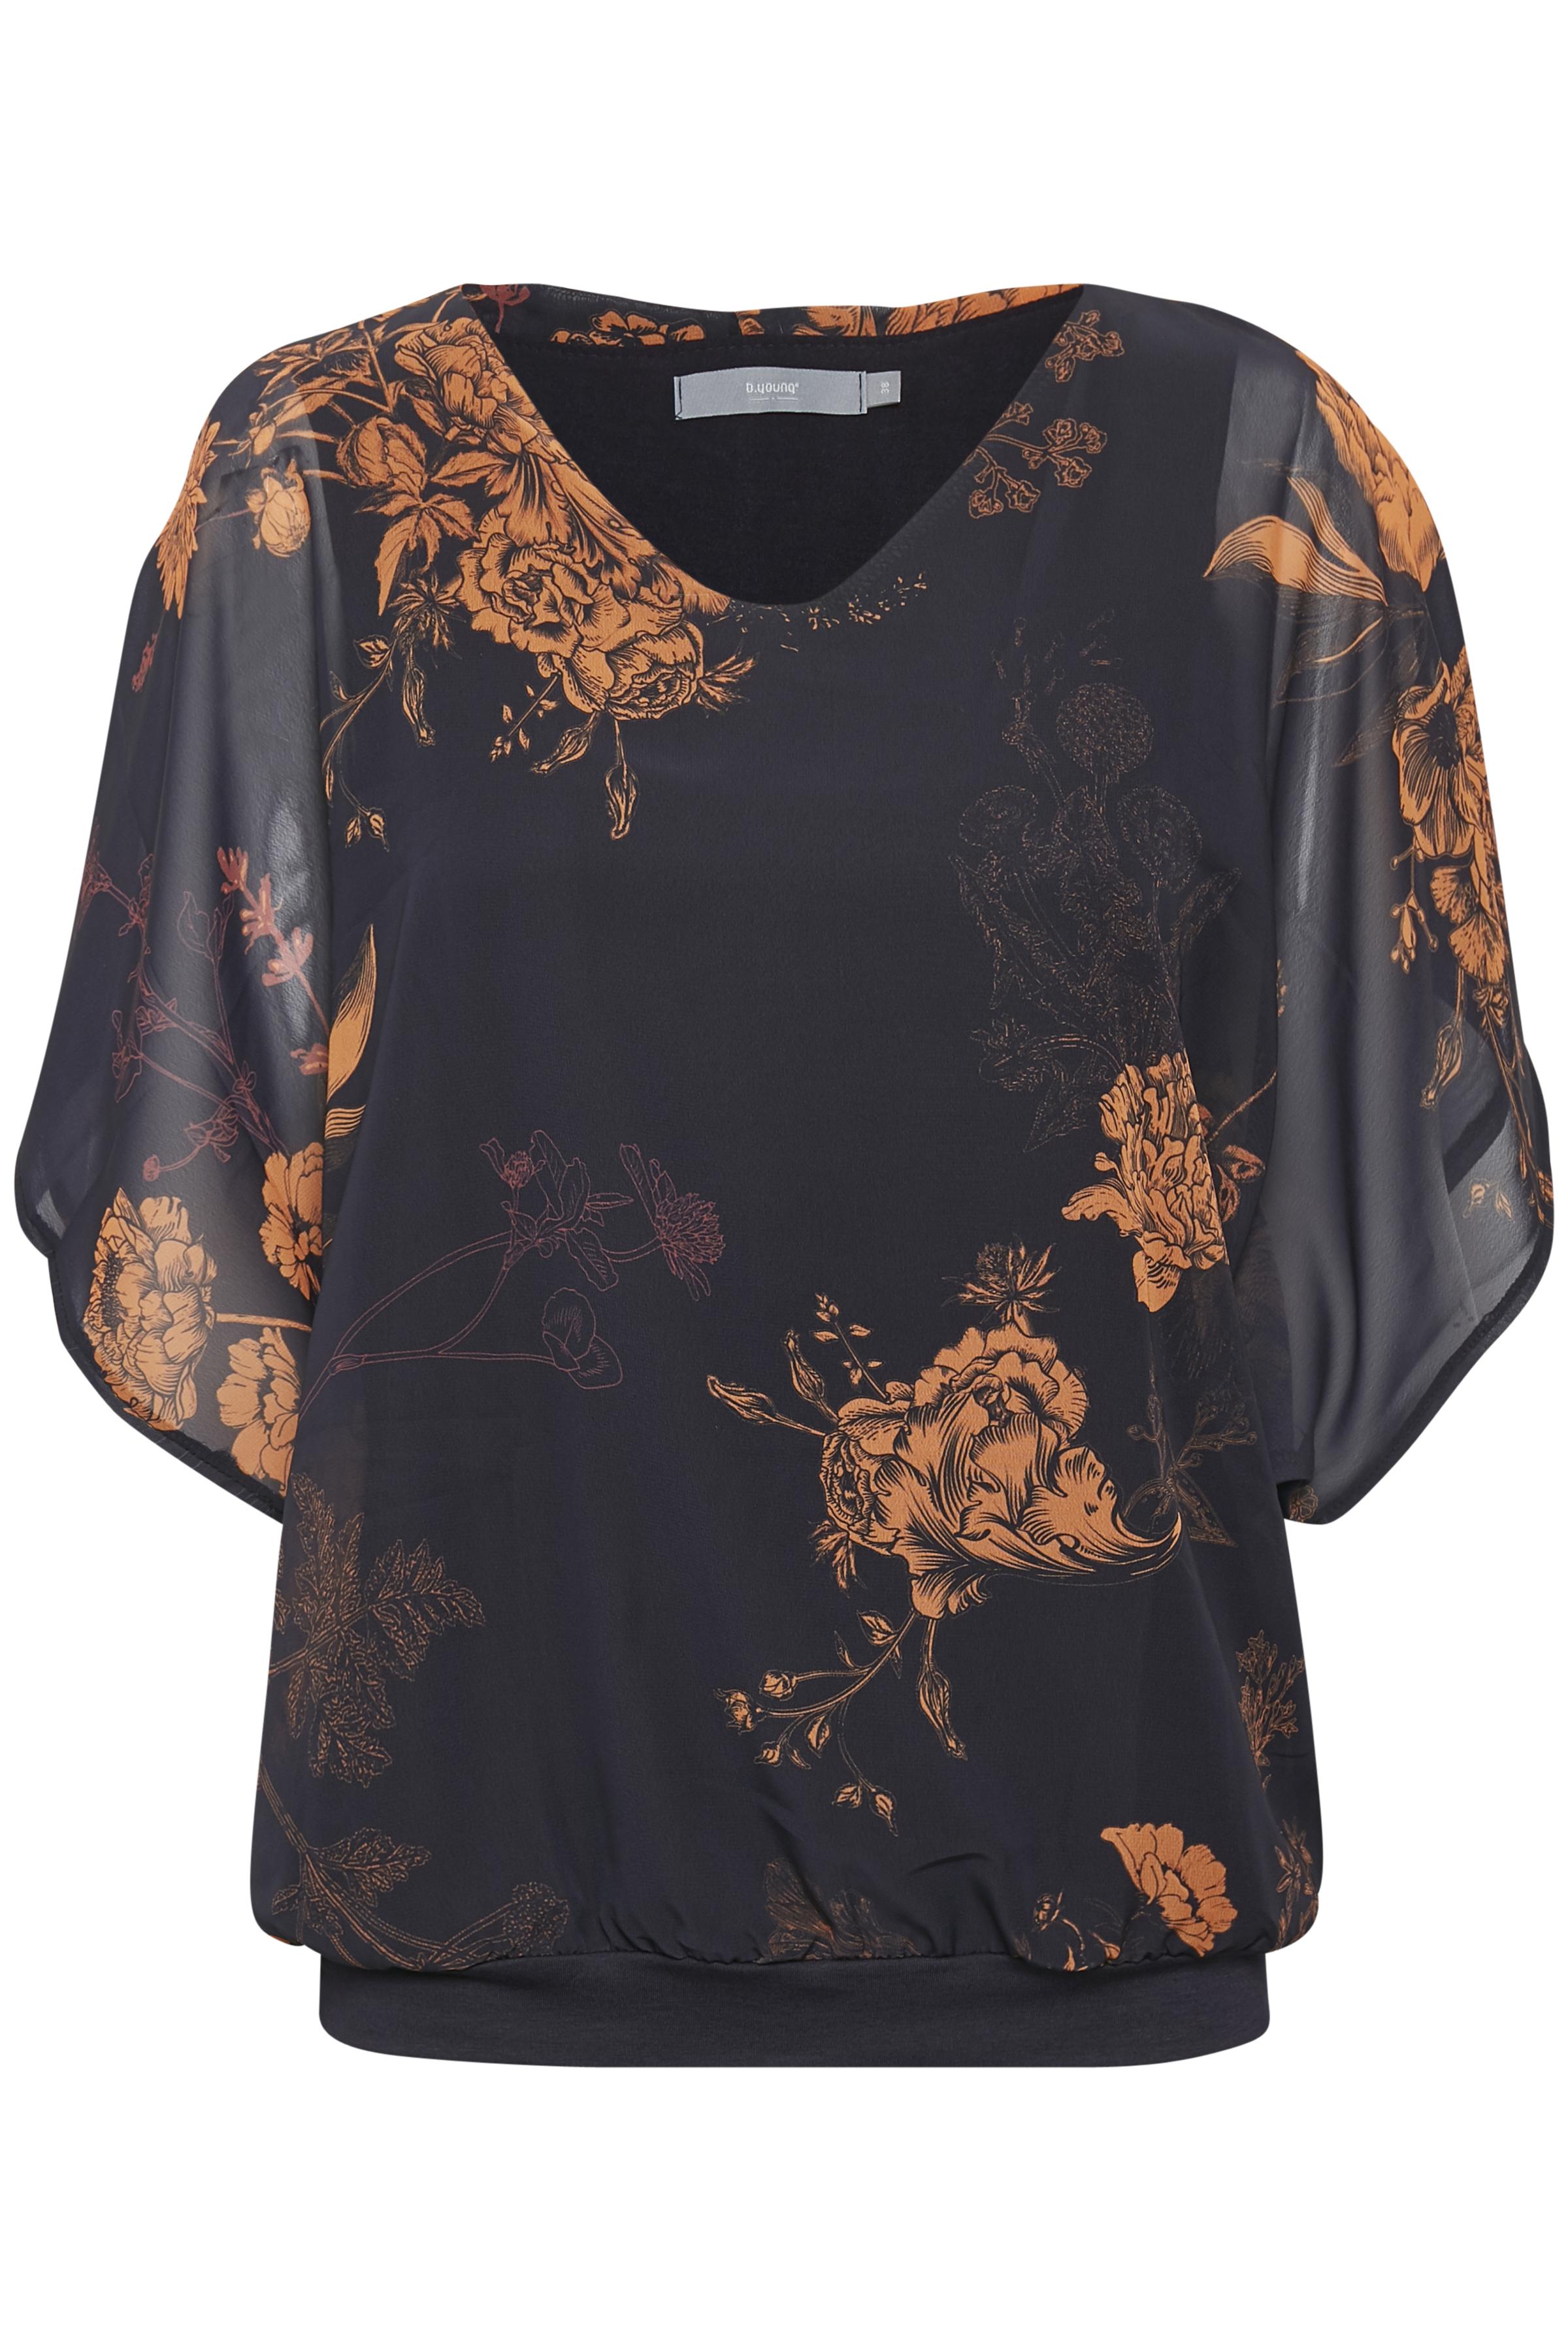 Orange flower combi 2 Kortærmet bluse fra b.young – Køb Orange flower combi 2 Kortærmet bluse fra str. 36-44 her